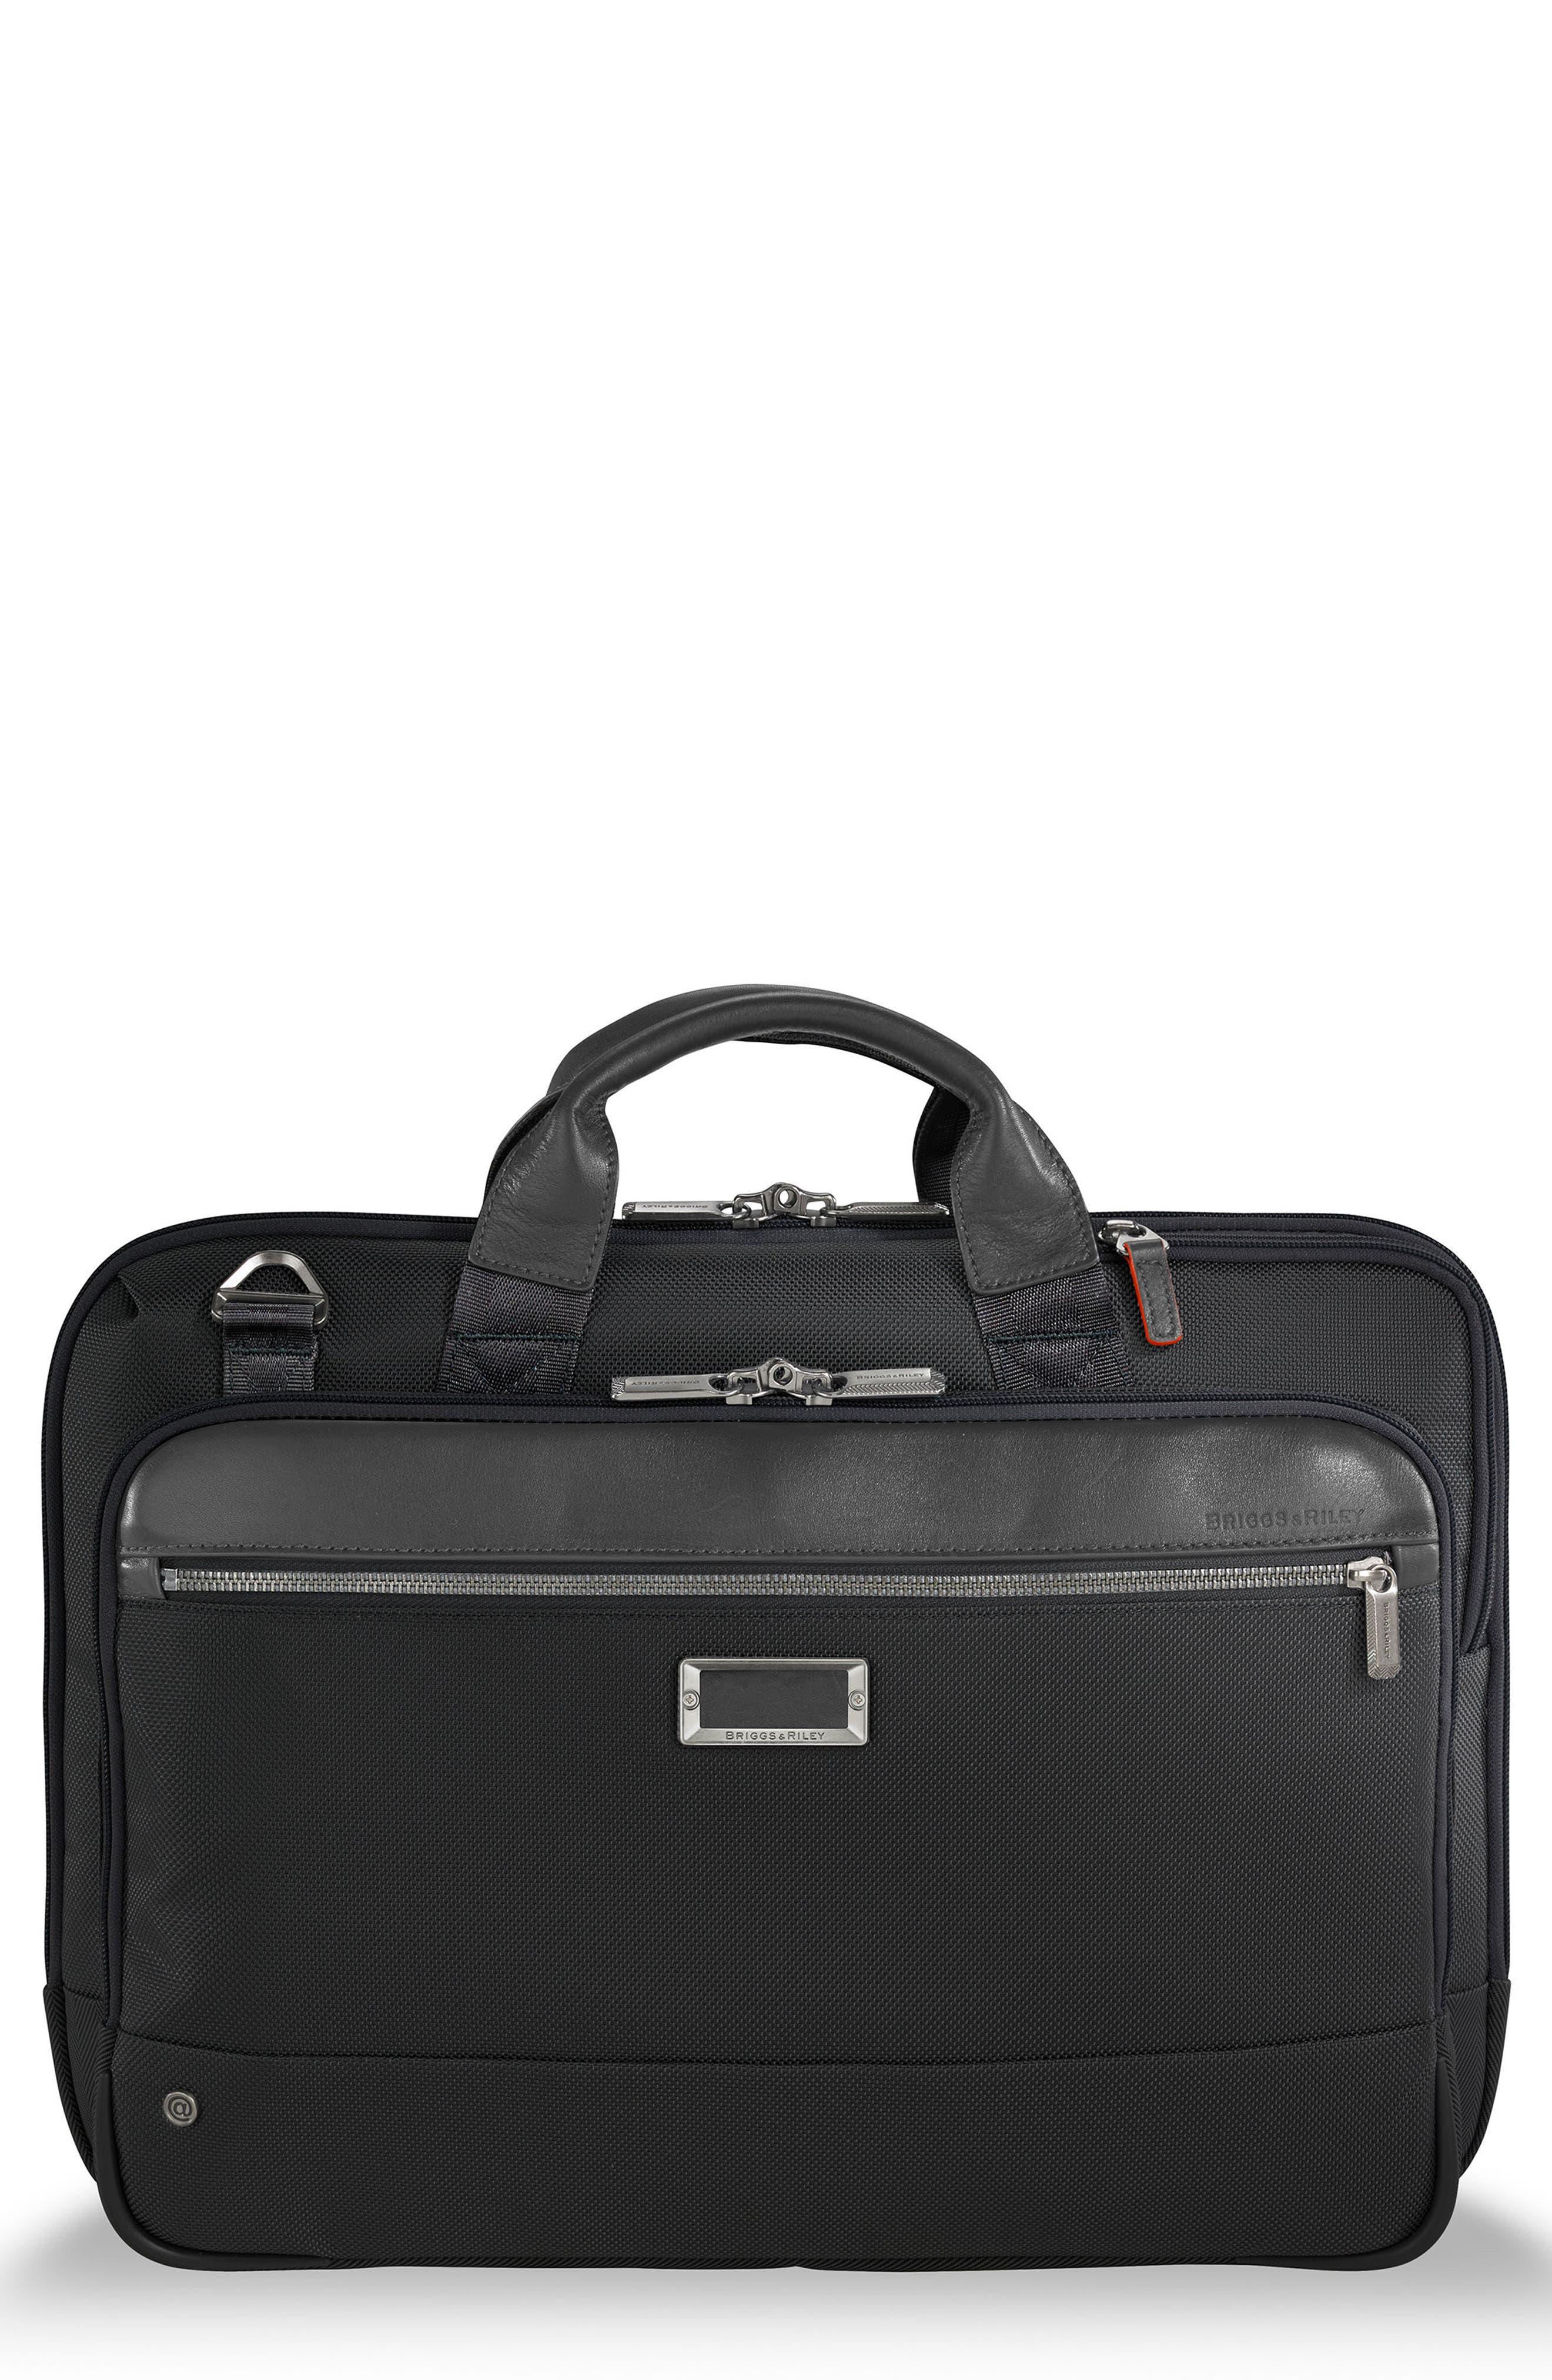 @work Slim Briefcase,                         Main,                         color, Black